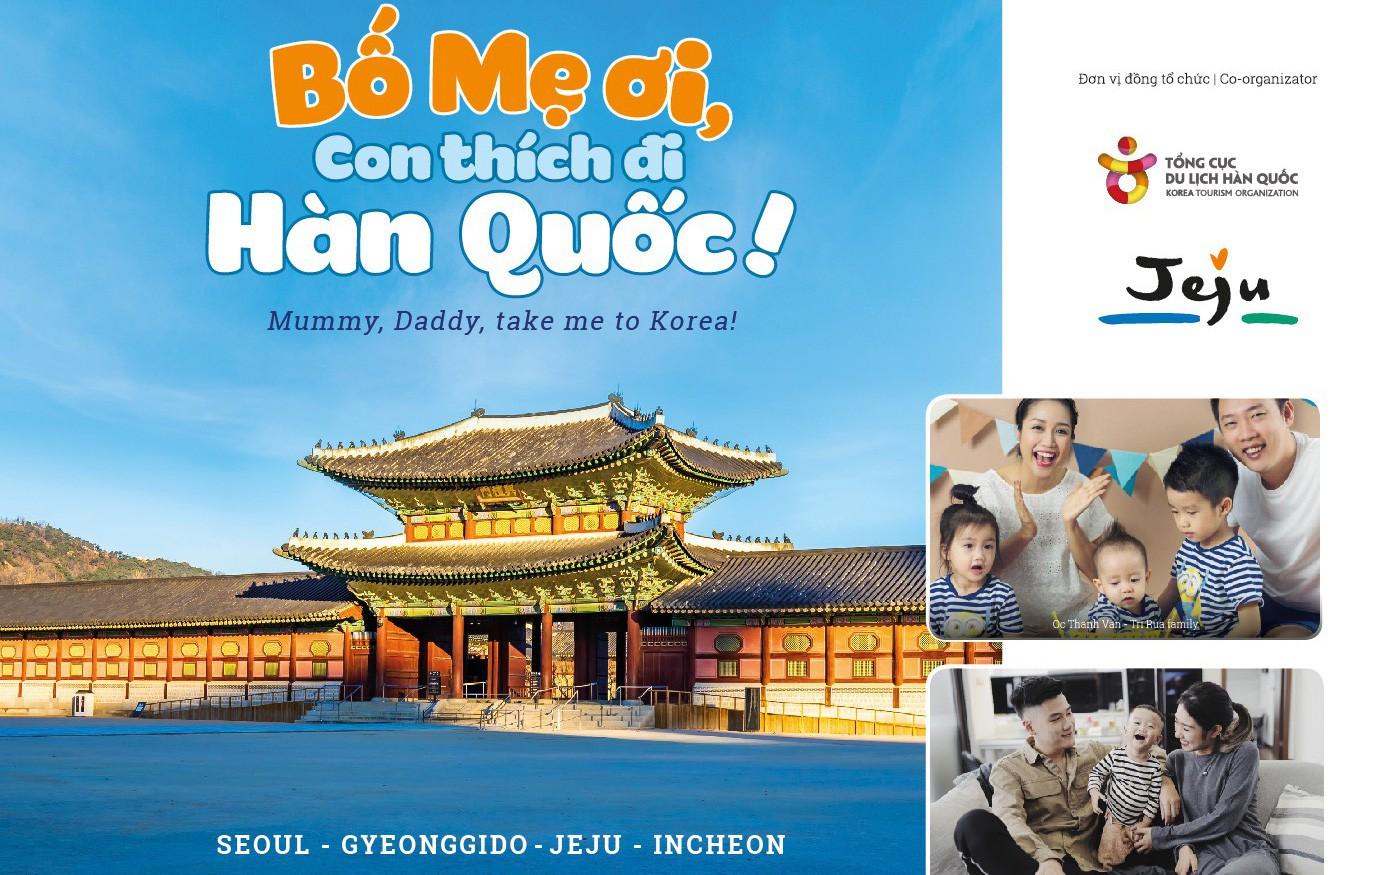 Khám phá hành trình du lịch độc đáo tại Hàn Quốc